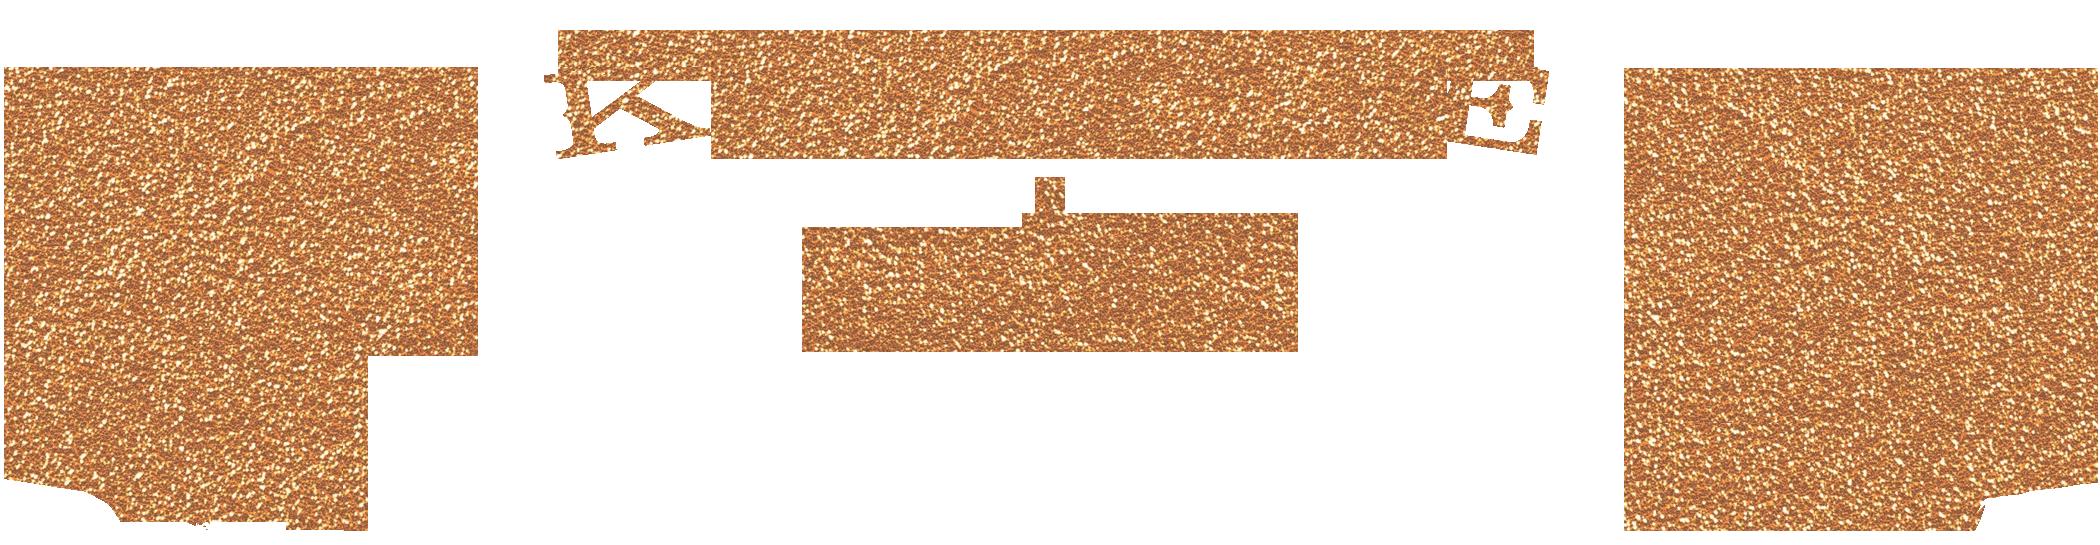 kingface-top.png